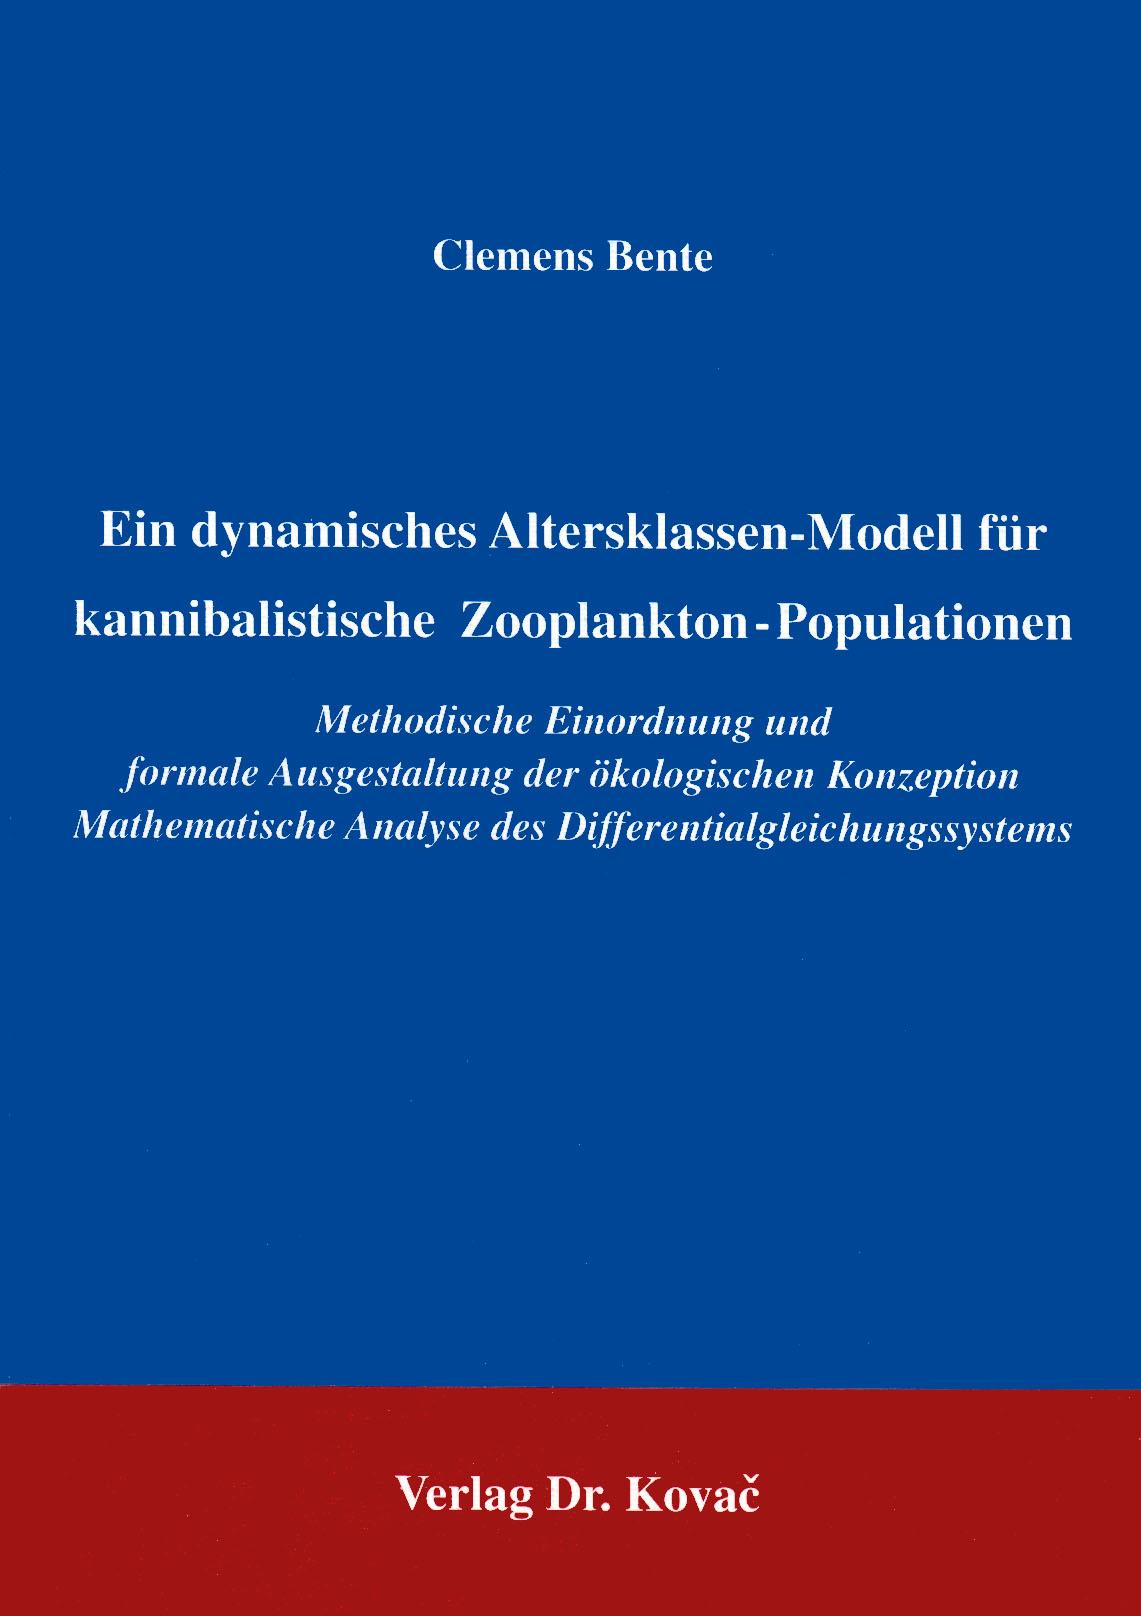 Cover: Ein dynamisches Altersklassen-Modell für kannibalistische Zooplankton-Populationen